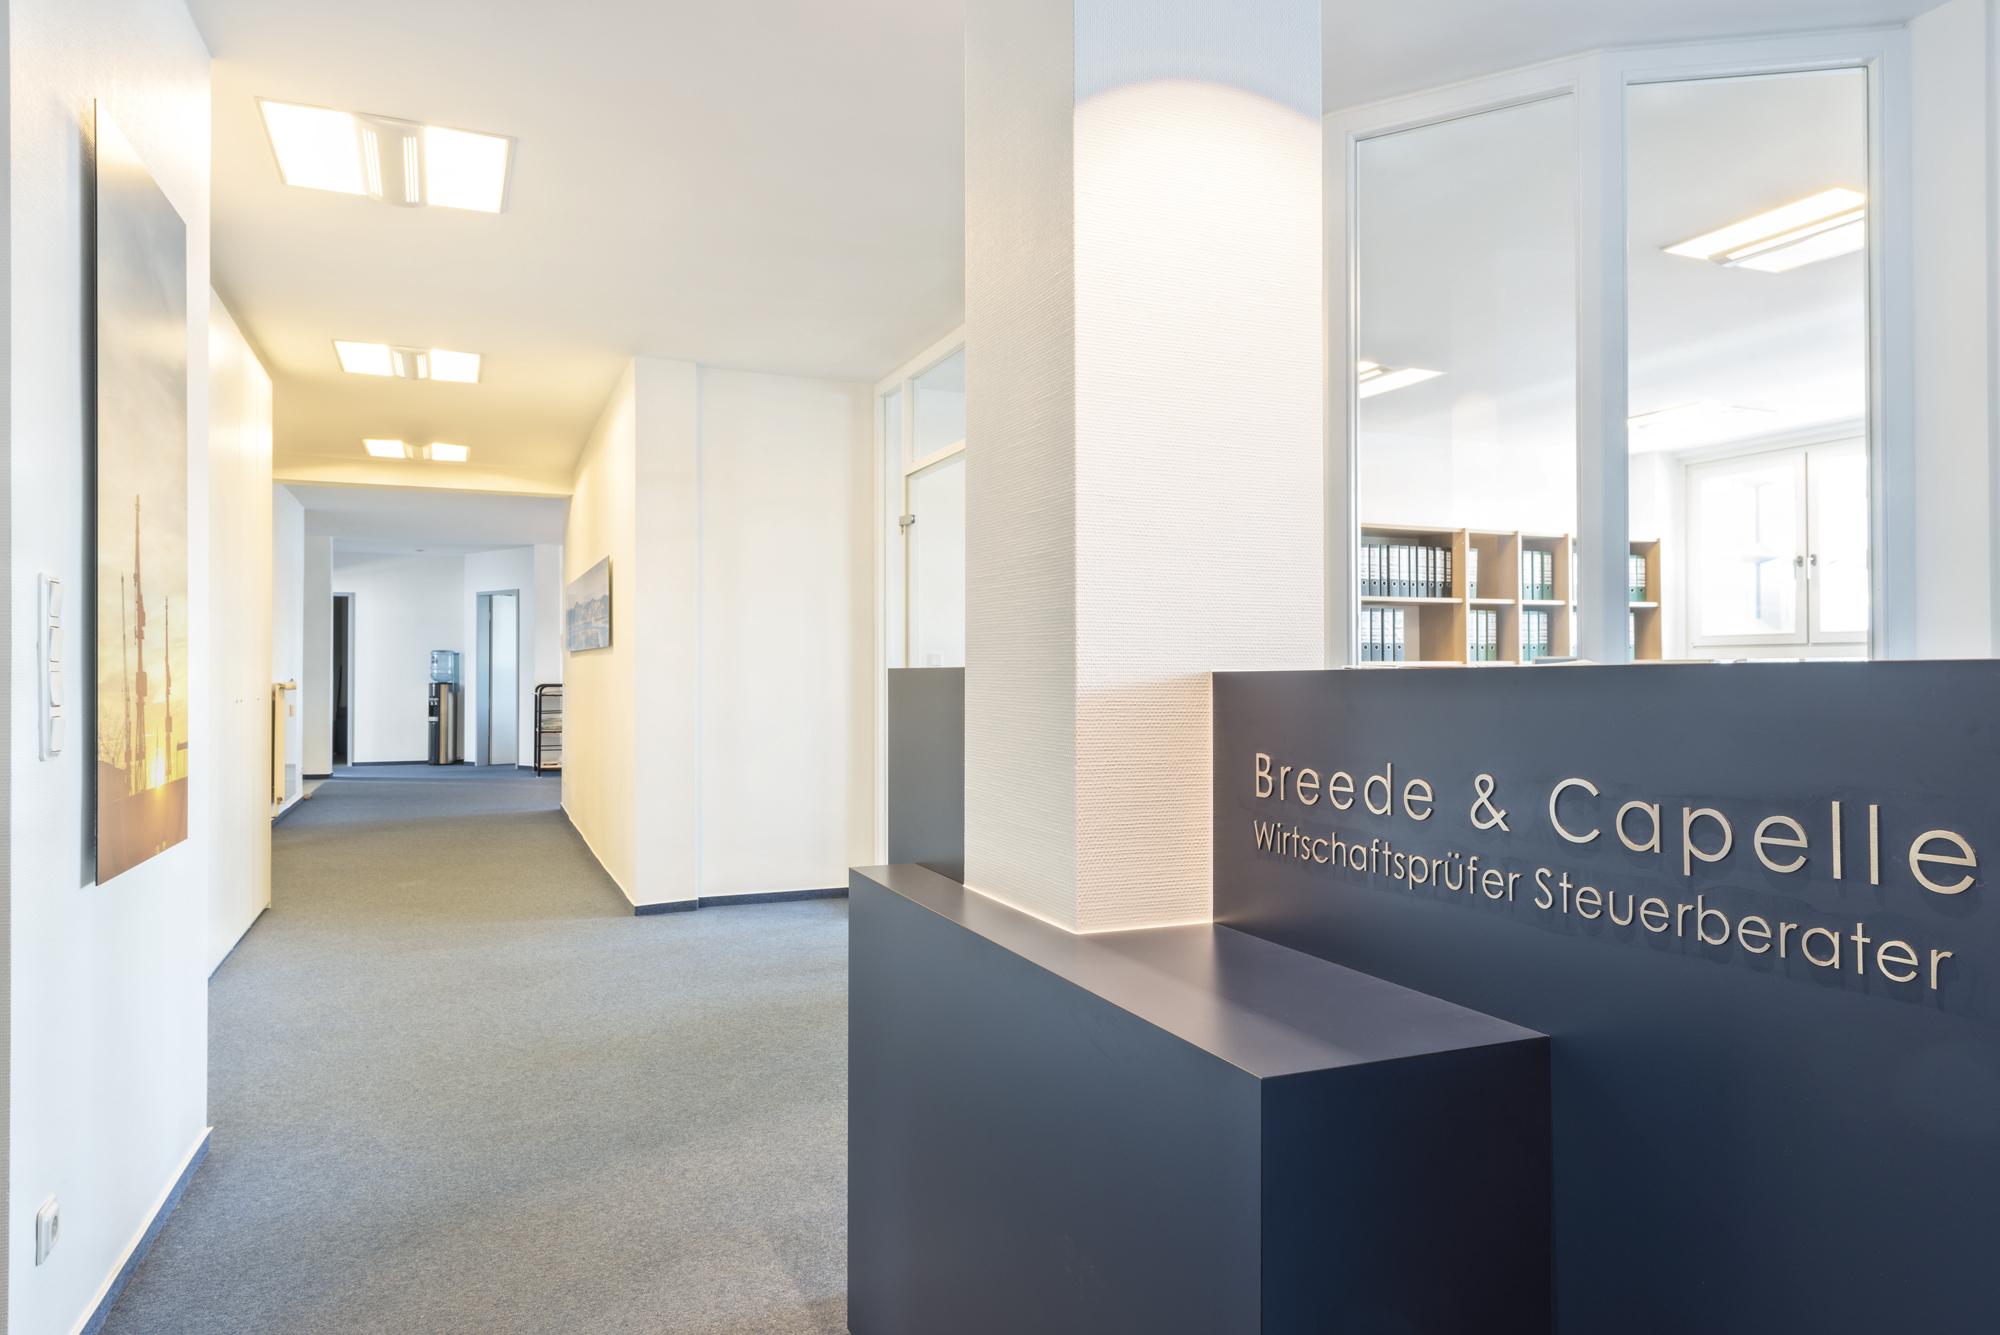 Breede & Capelle Büroräume